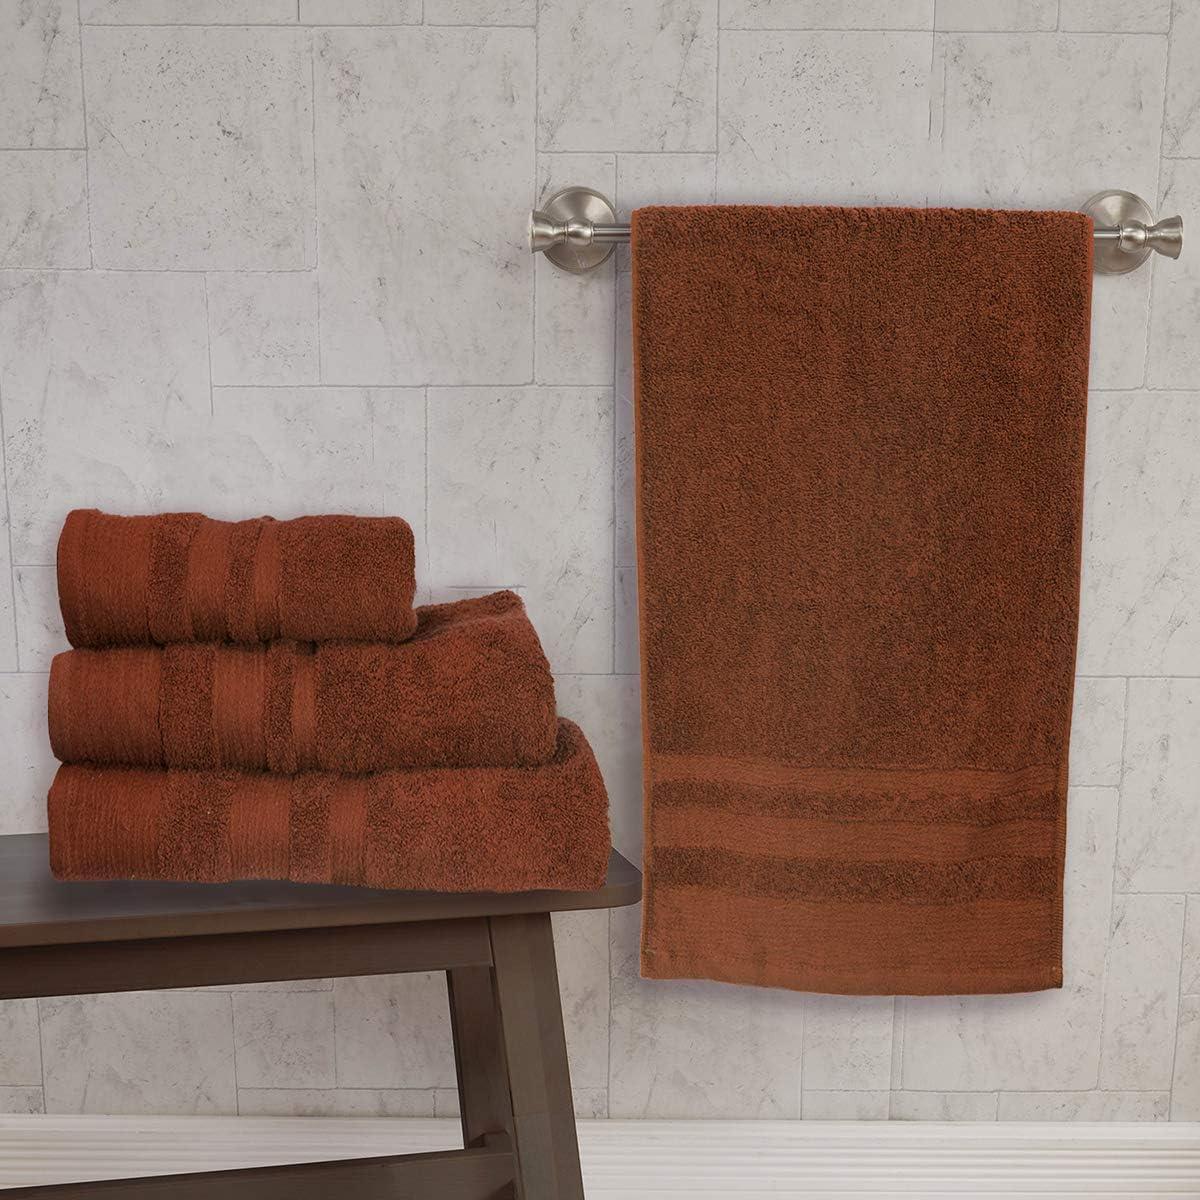 my cotton home Asciugamani Morbidi 100/% Cotone Egiziano Telo Bagno 70 x 140 cm Copper Tan 700 g//mq